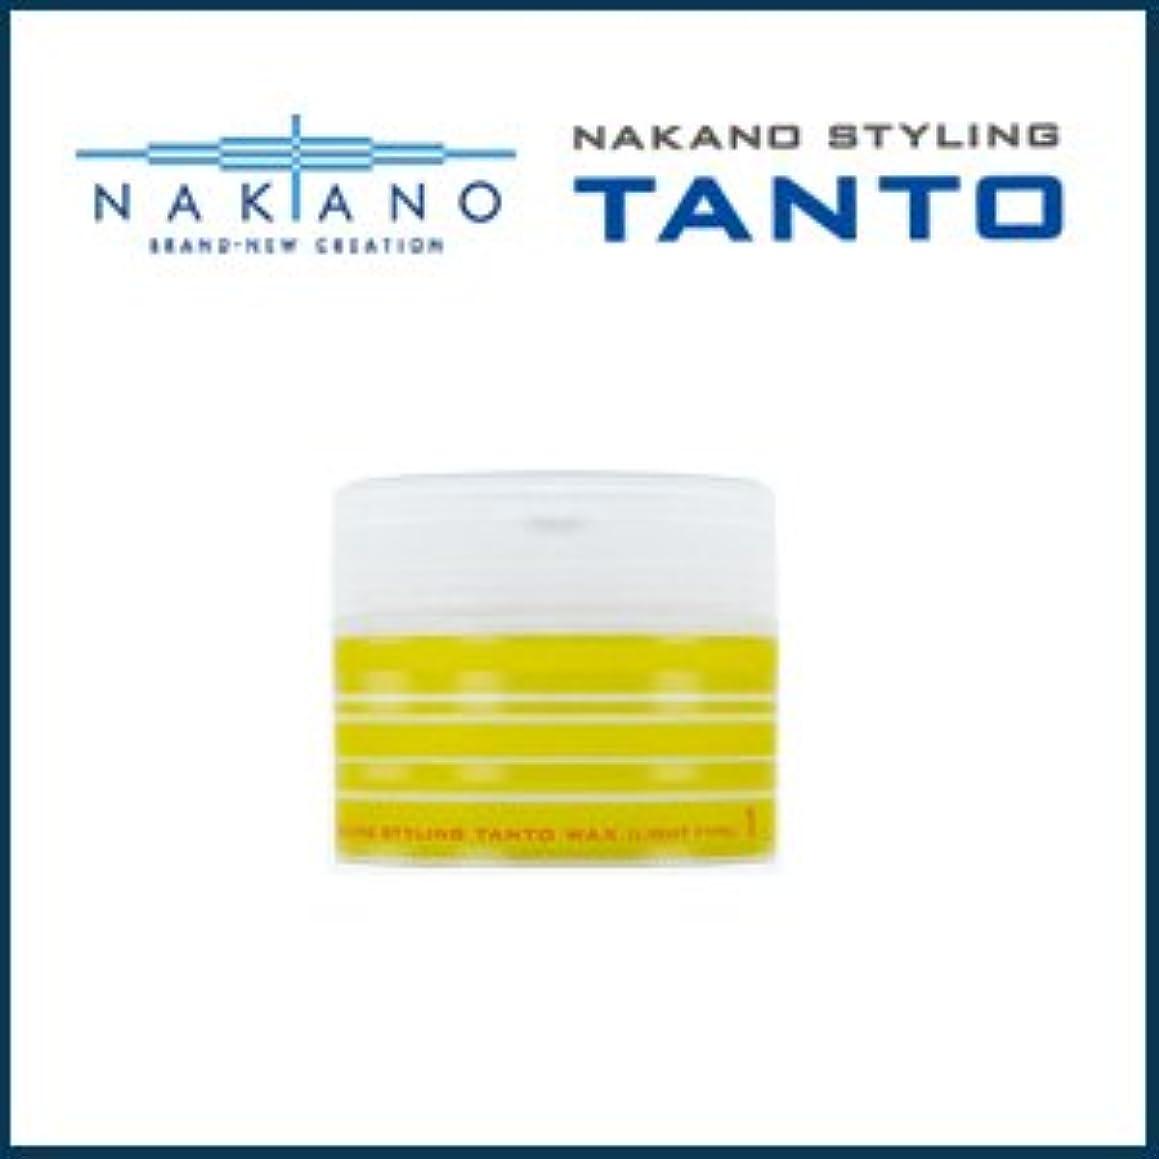 パラメータ連鎖ナカノ タント Nワックス 1 ライトタイプ 90g 容器入り